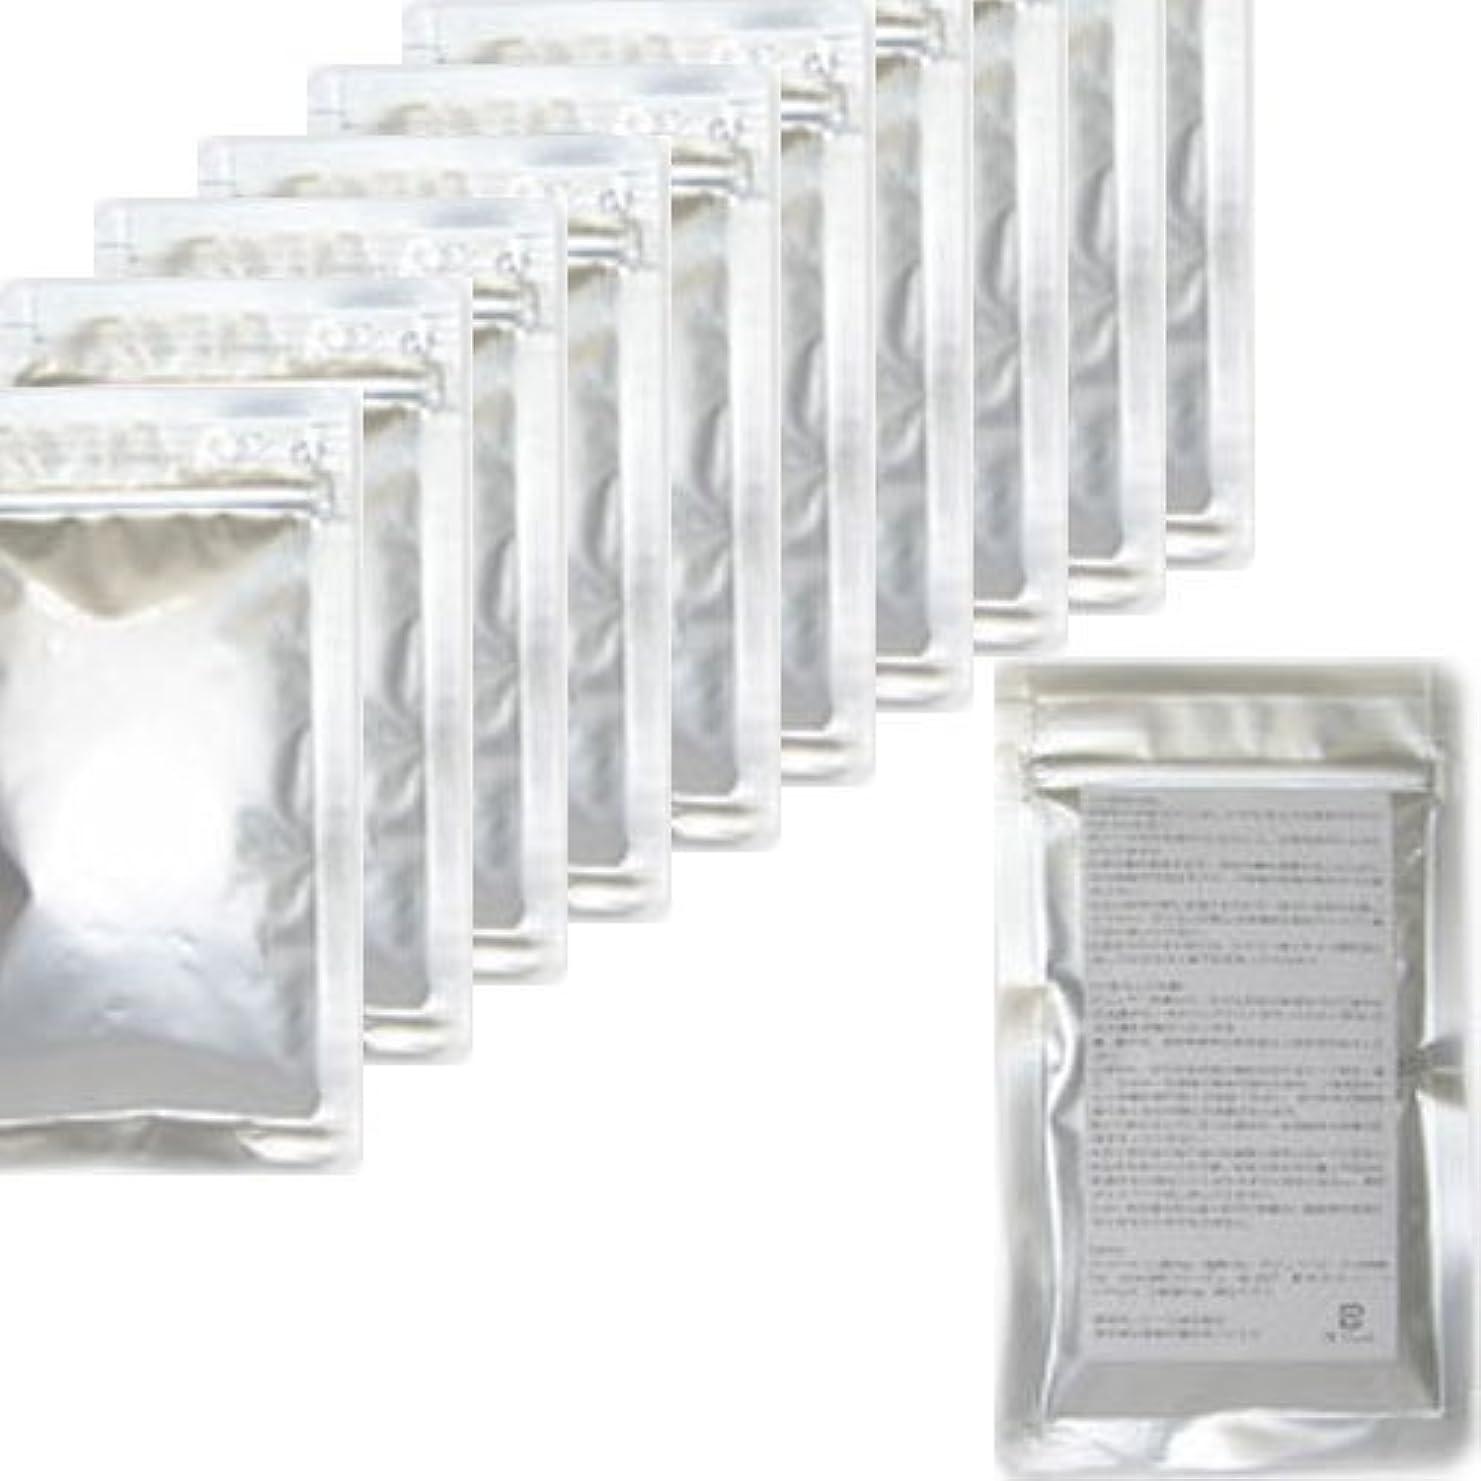 閉塞部屋を掃除する誕生業者様用 ローションバス とろとろ入浴剤「お風呂でねっとり」 業務用50g(50個セット) (無香料(ピンク))